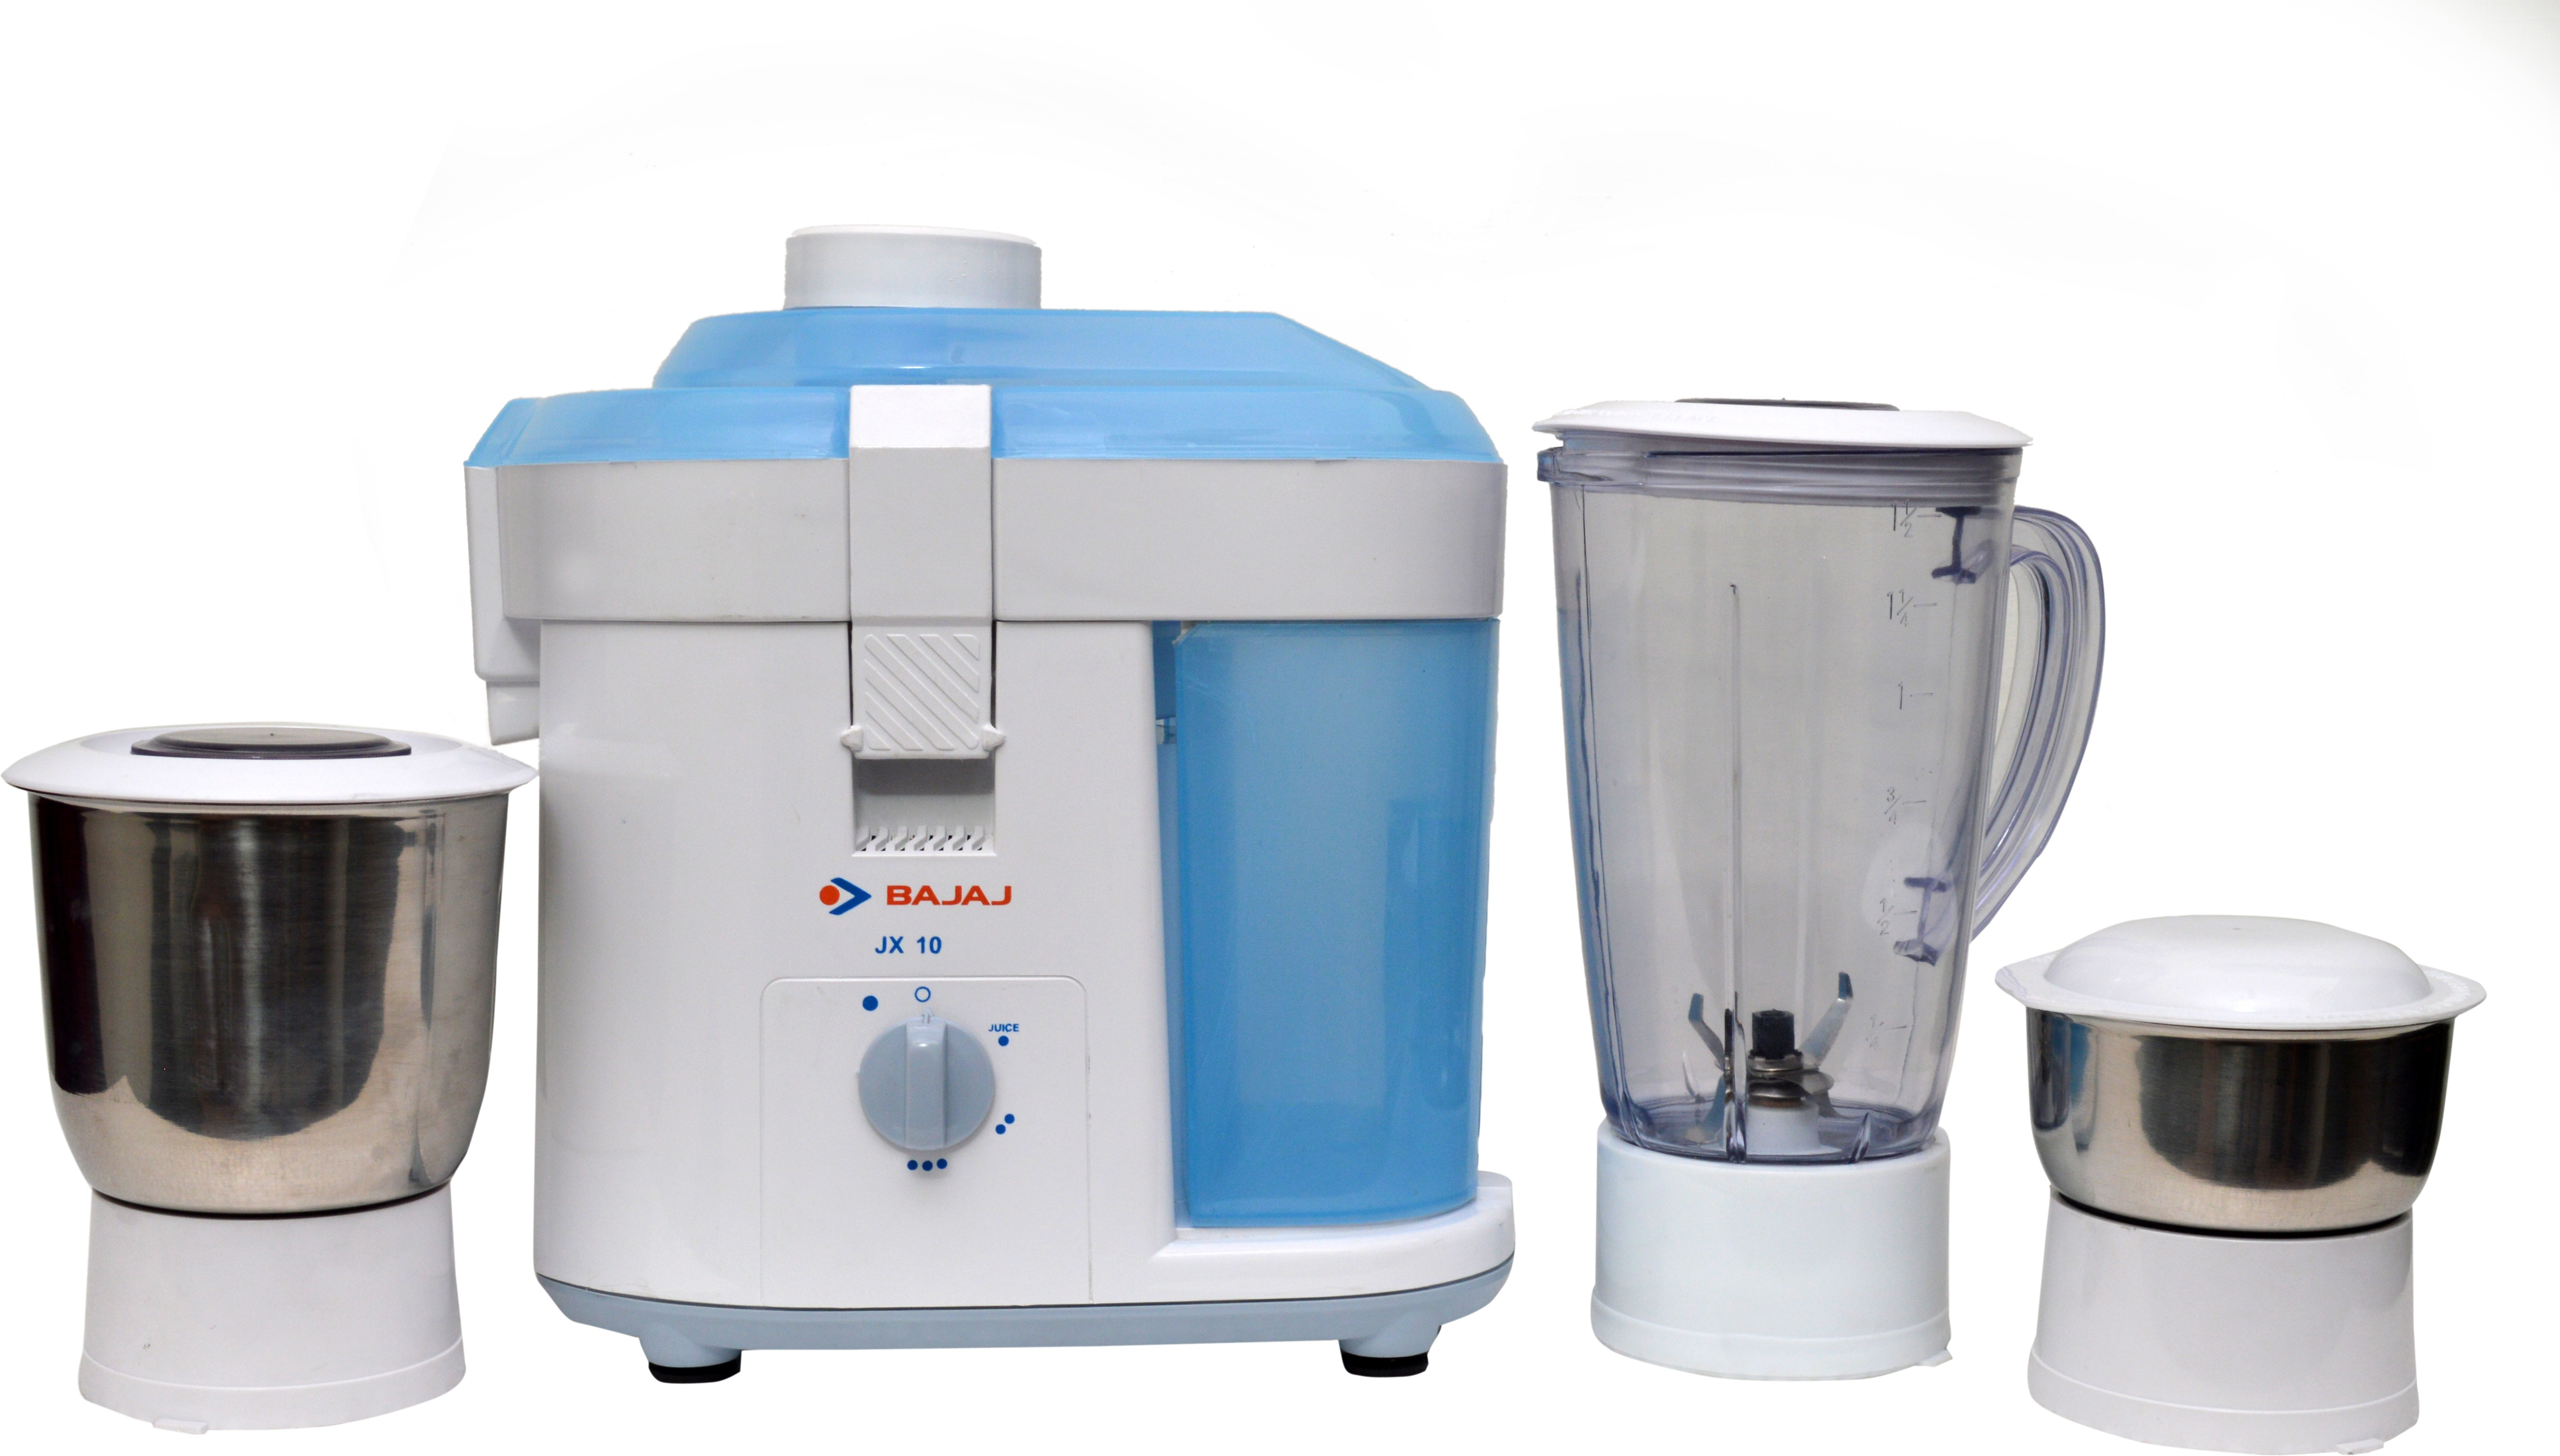 Bajaj JX 10 450 W Juicer Mixer Grinder(White, Blue, 3 Jars)